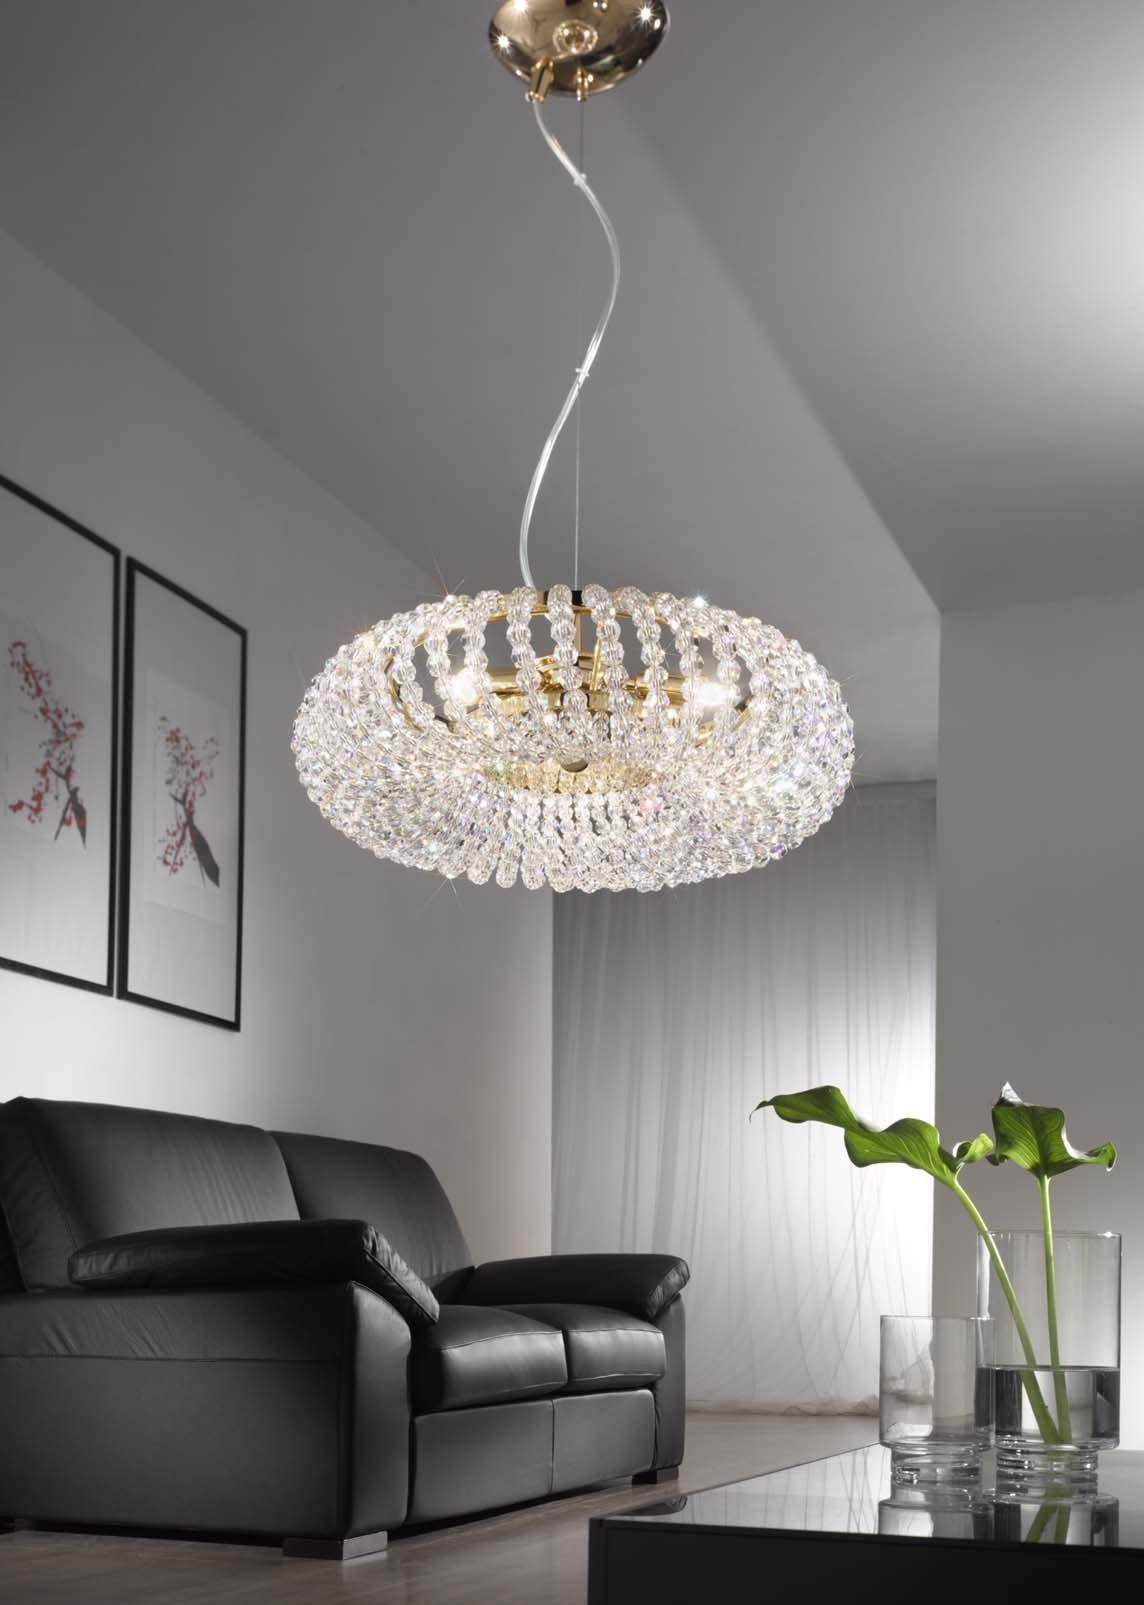 Hangende Lichter Fur Schlafzimmer Swarovski Lighting Preise Kristall Pendelleuchte Kronleuchter Bele Anhanger Beleuchtung Schlafzimmer Lampe Esszimmerleuchten